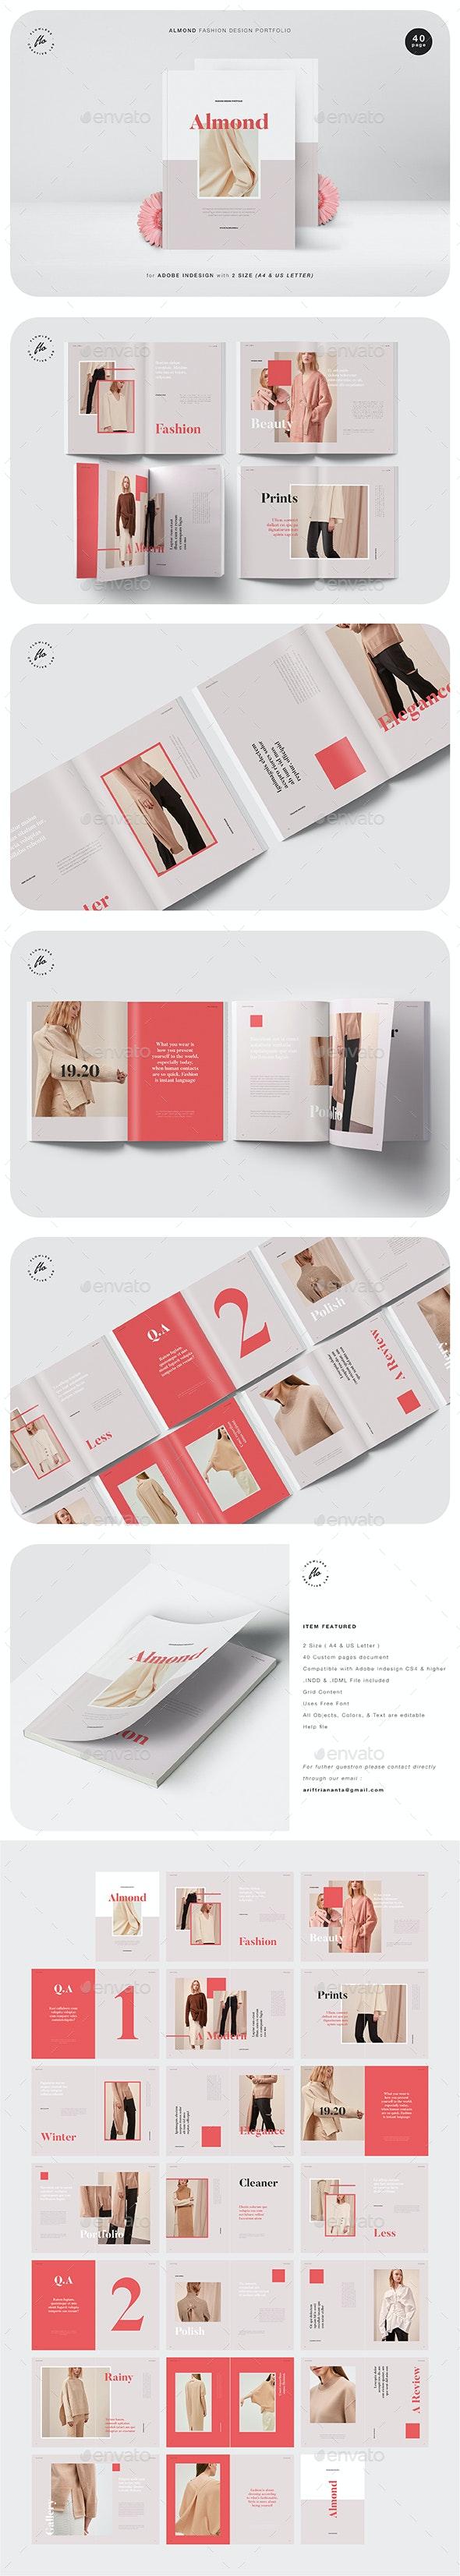 Almond Fashion Design Portfolio - Magazines Print Templates